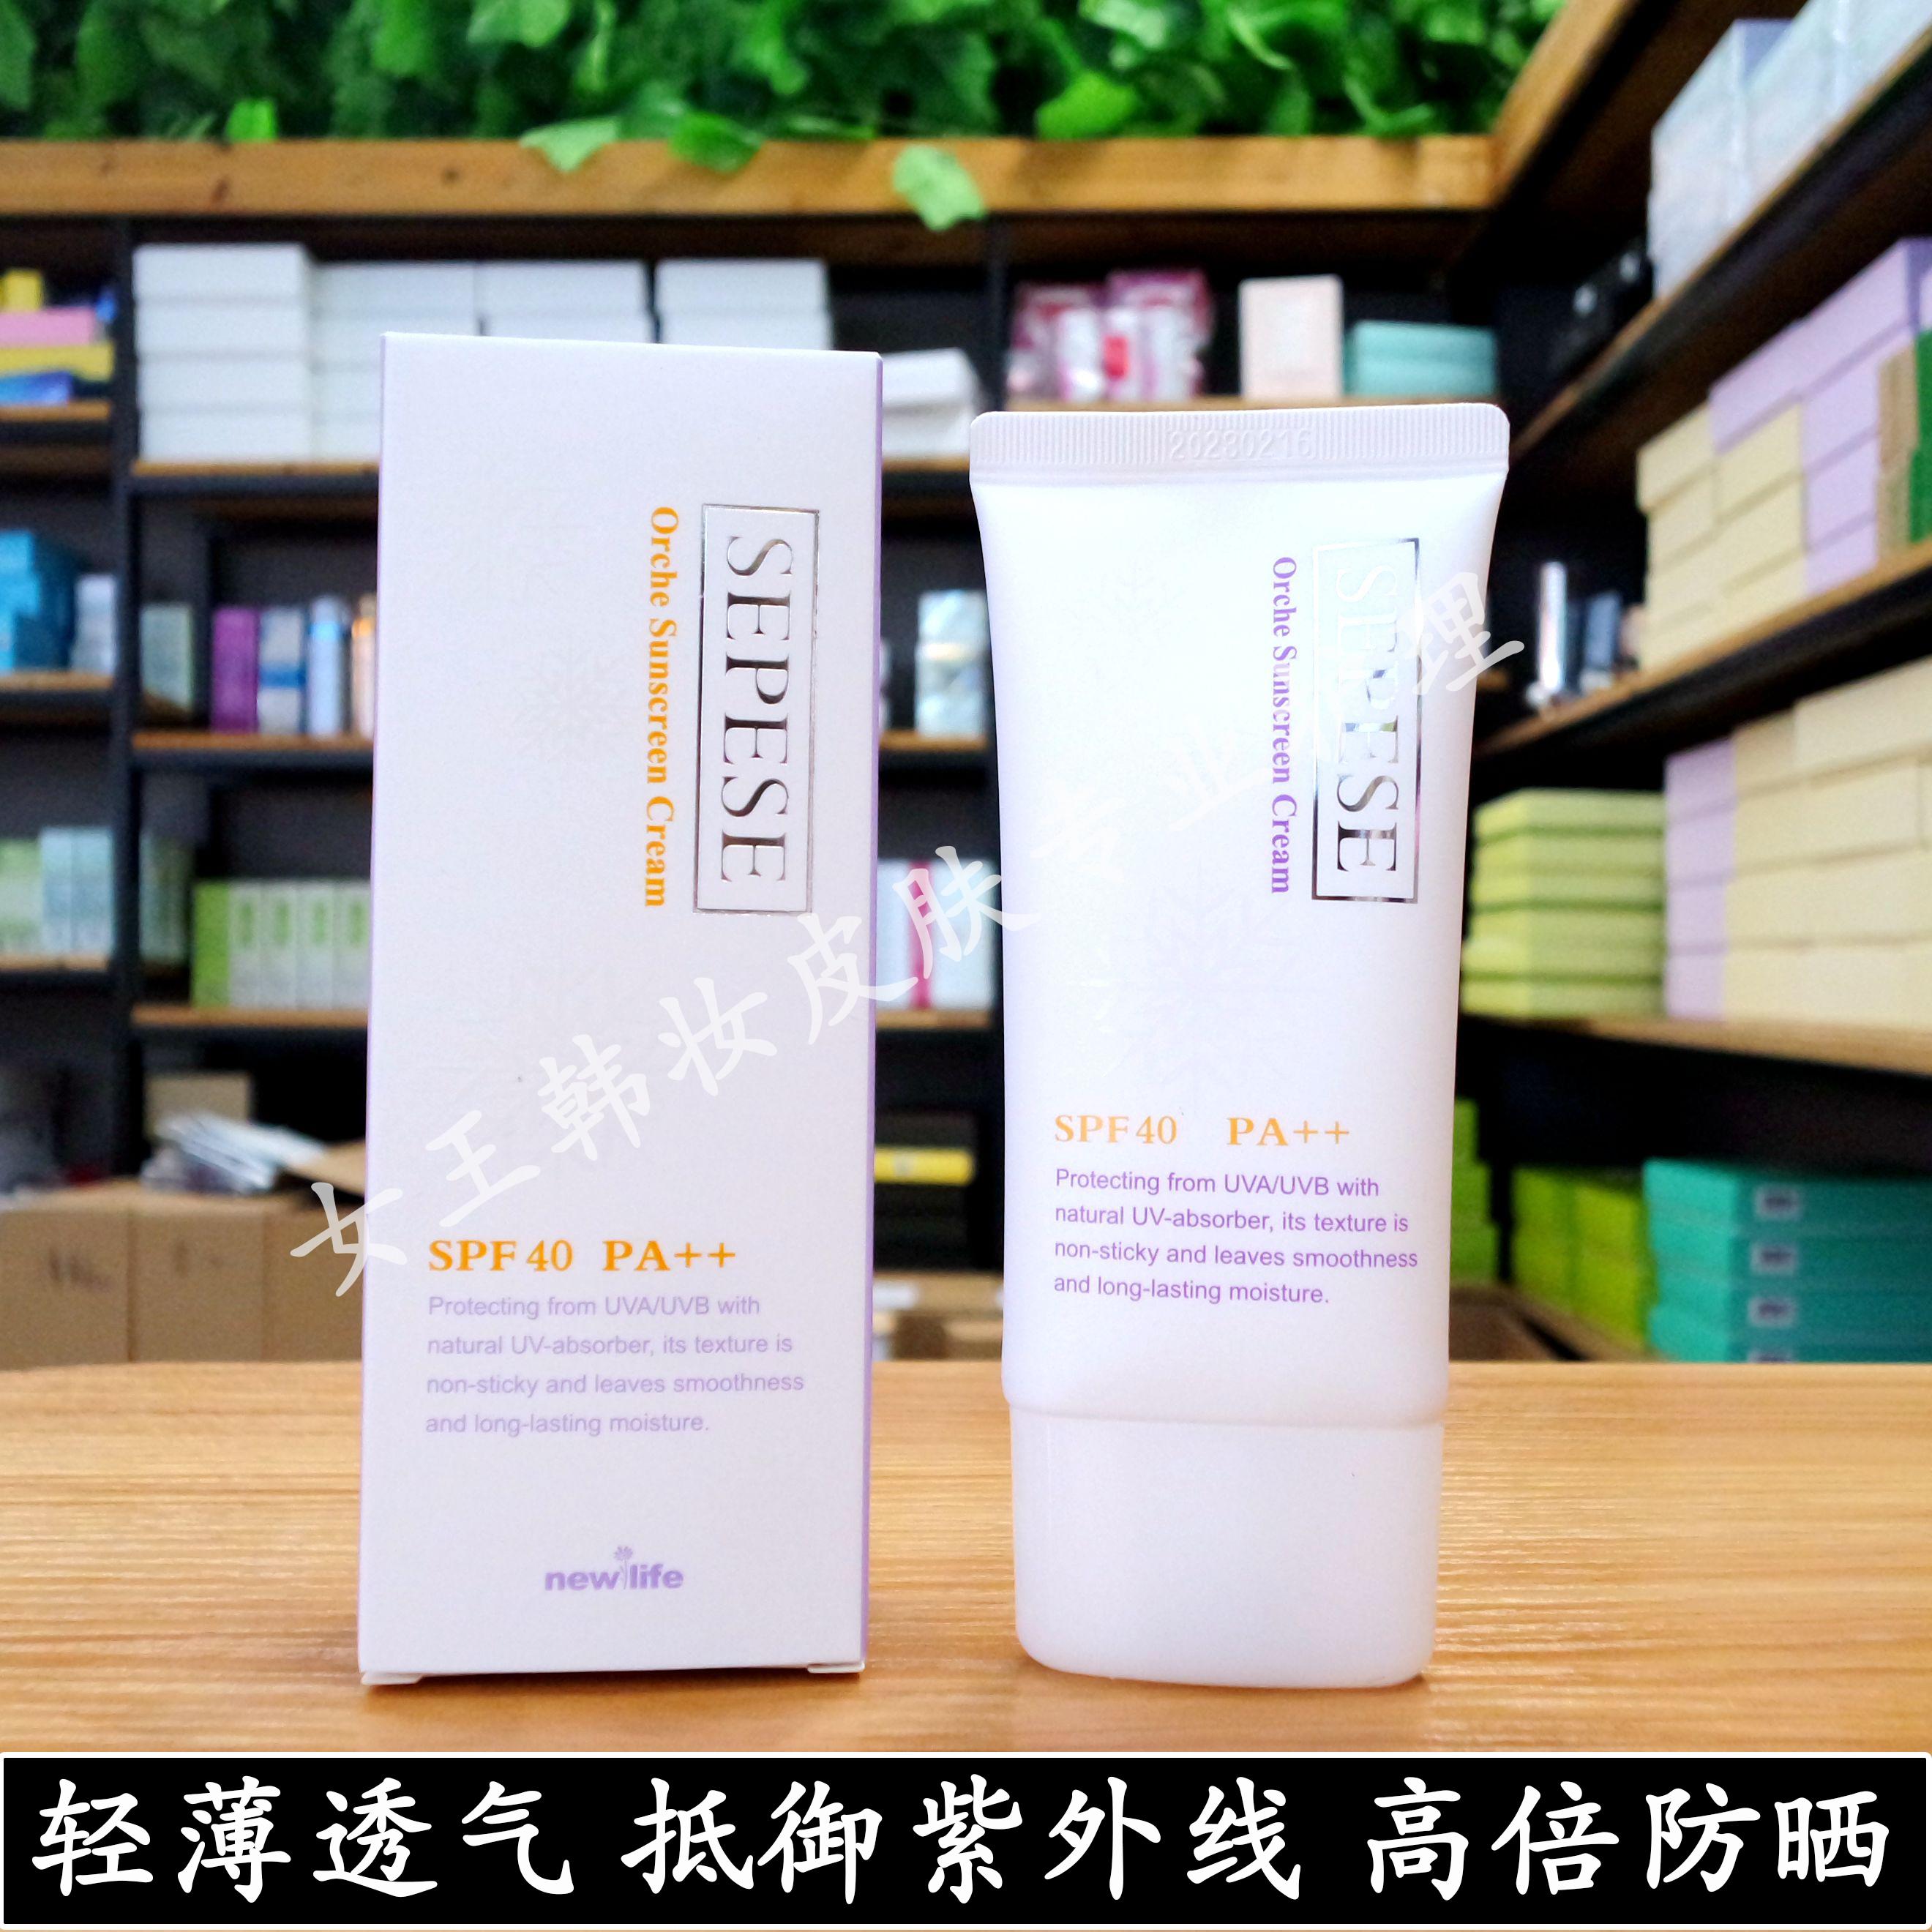 韩国新生活化妆品正品雪非雪悦颜轻透防晒霜SPF40PA++补水隔离